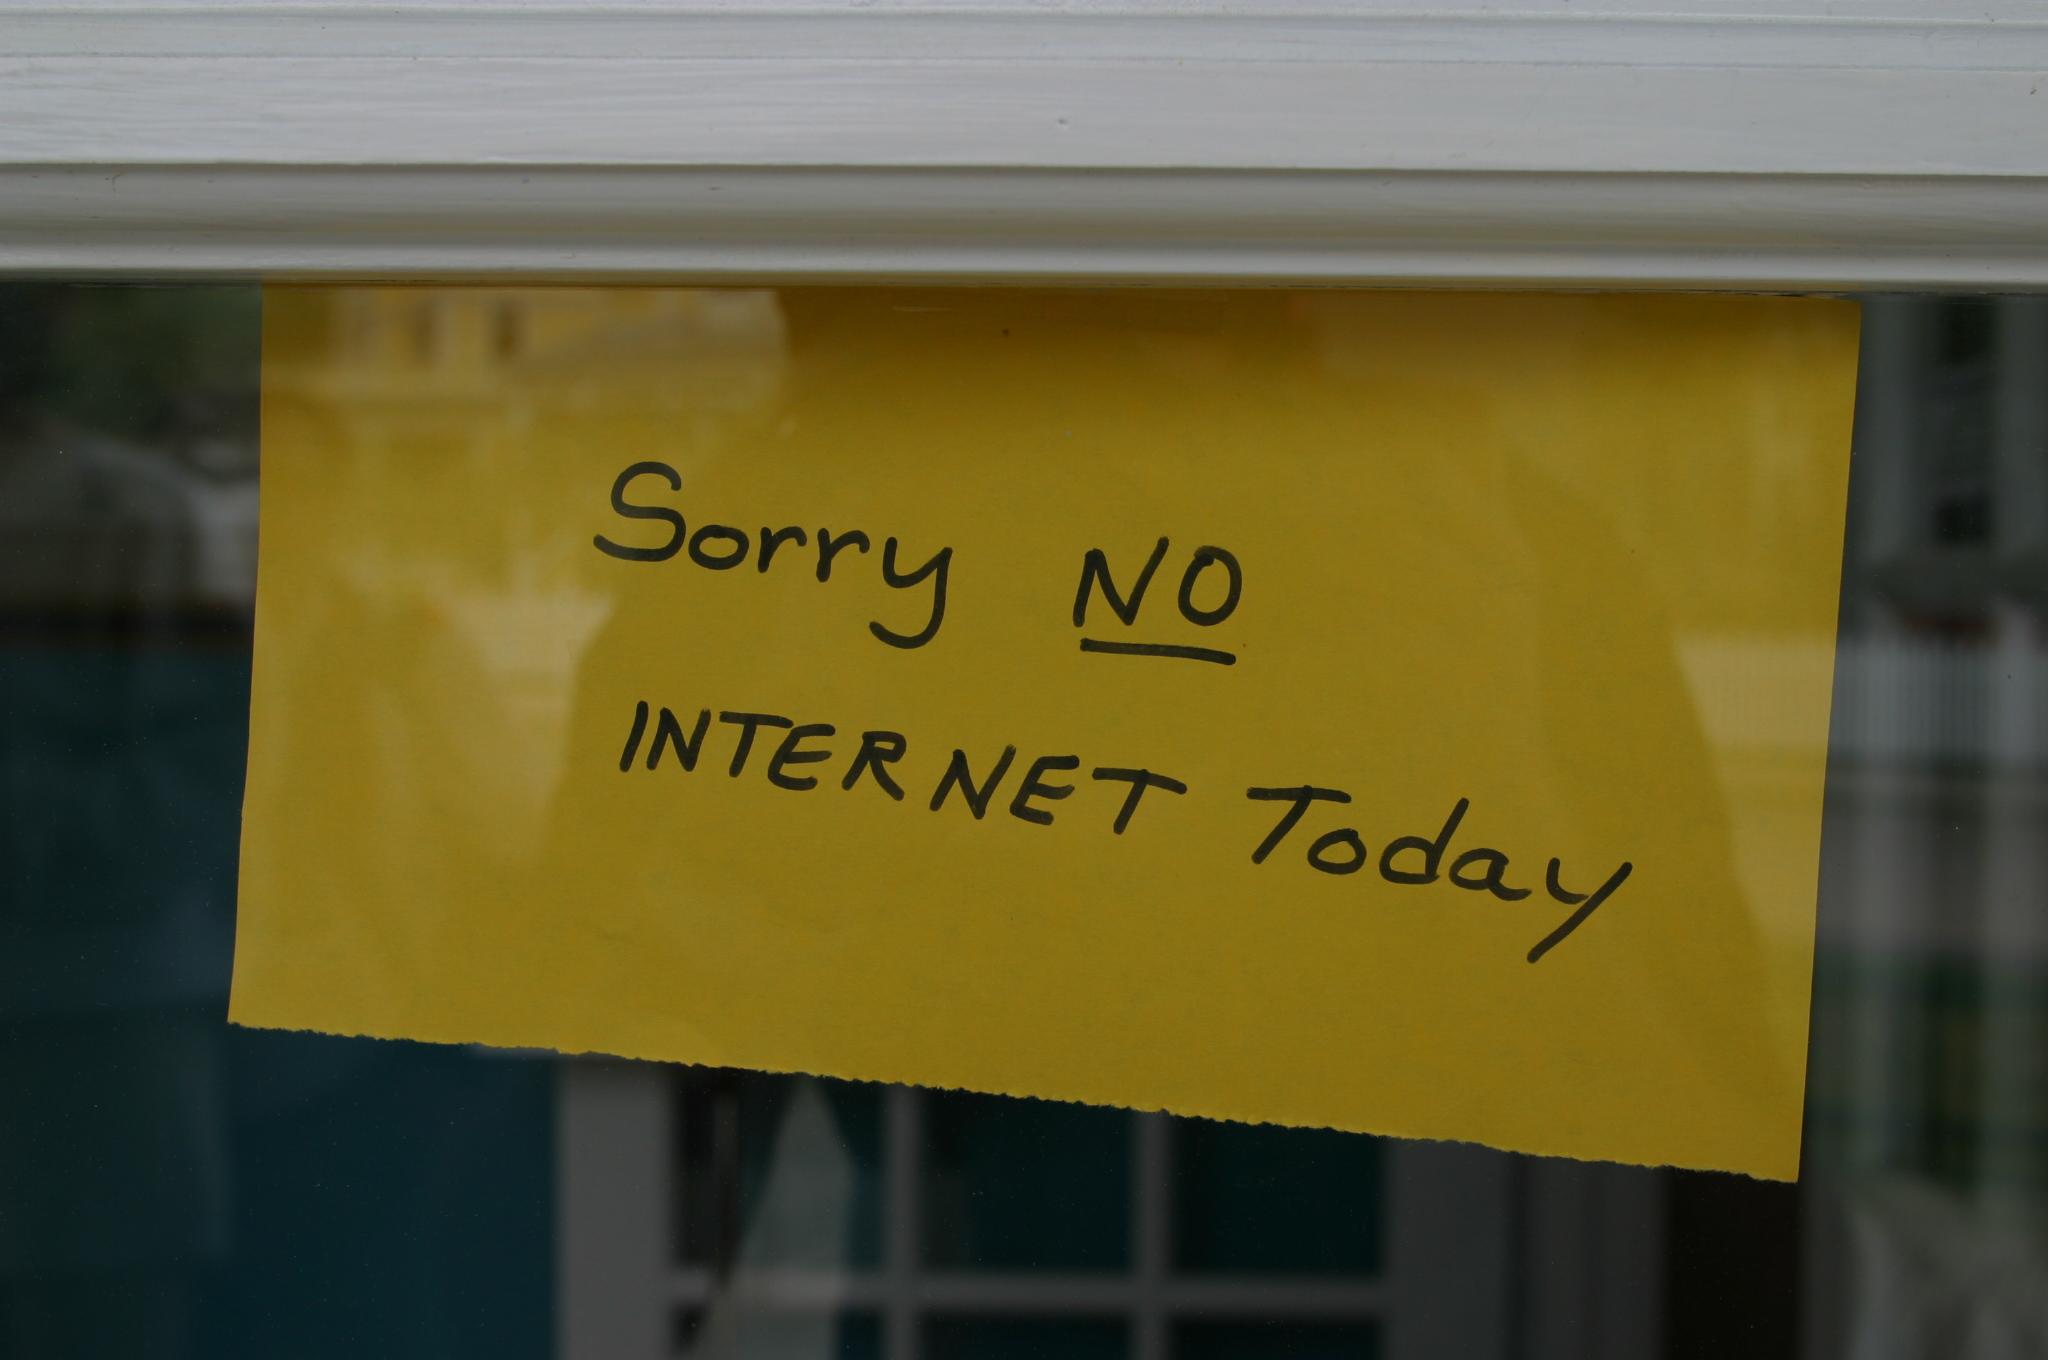 https://i1.wp.com/philip.greenspun.com/images/200206-michigan/sorry-no-internet-today-1.jpg